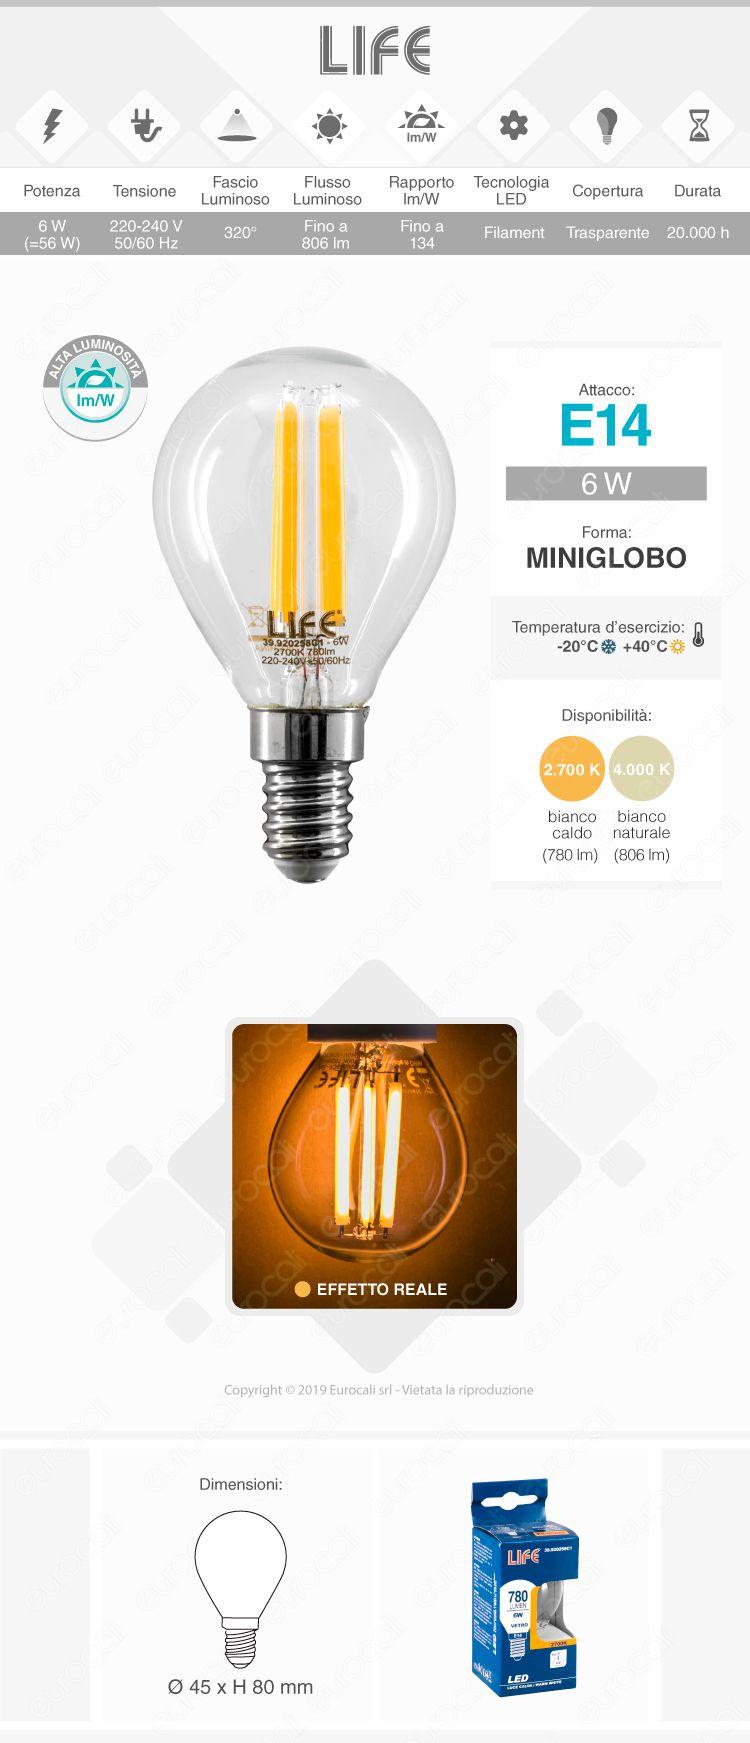 Life Lampadina LED E14 6W MiniGlobo P45 Filamento